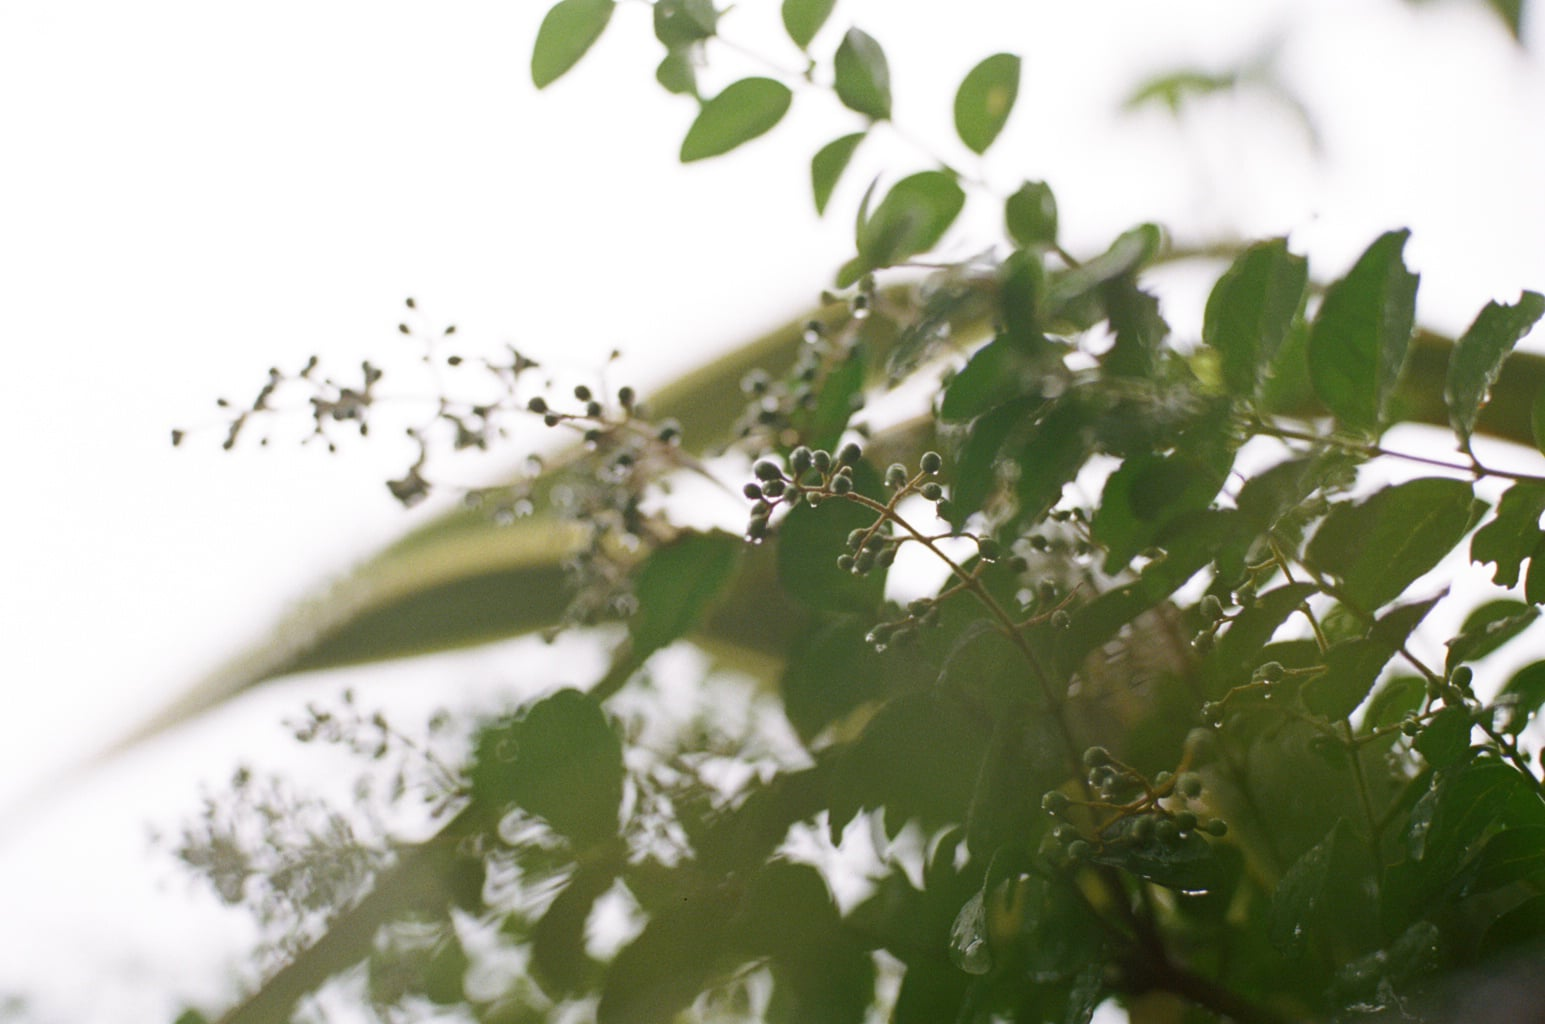 秋の七草の一つでもある萩は丸い葉が特徴